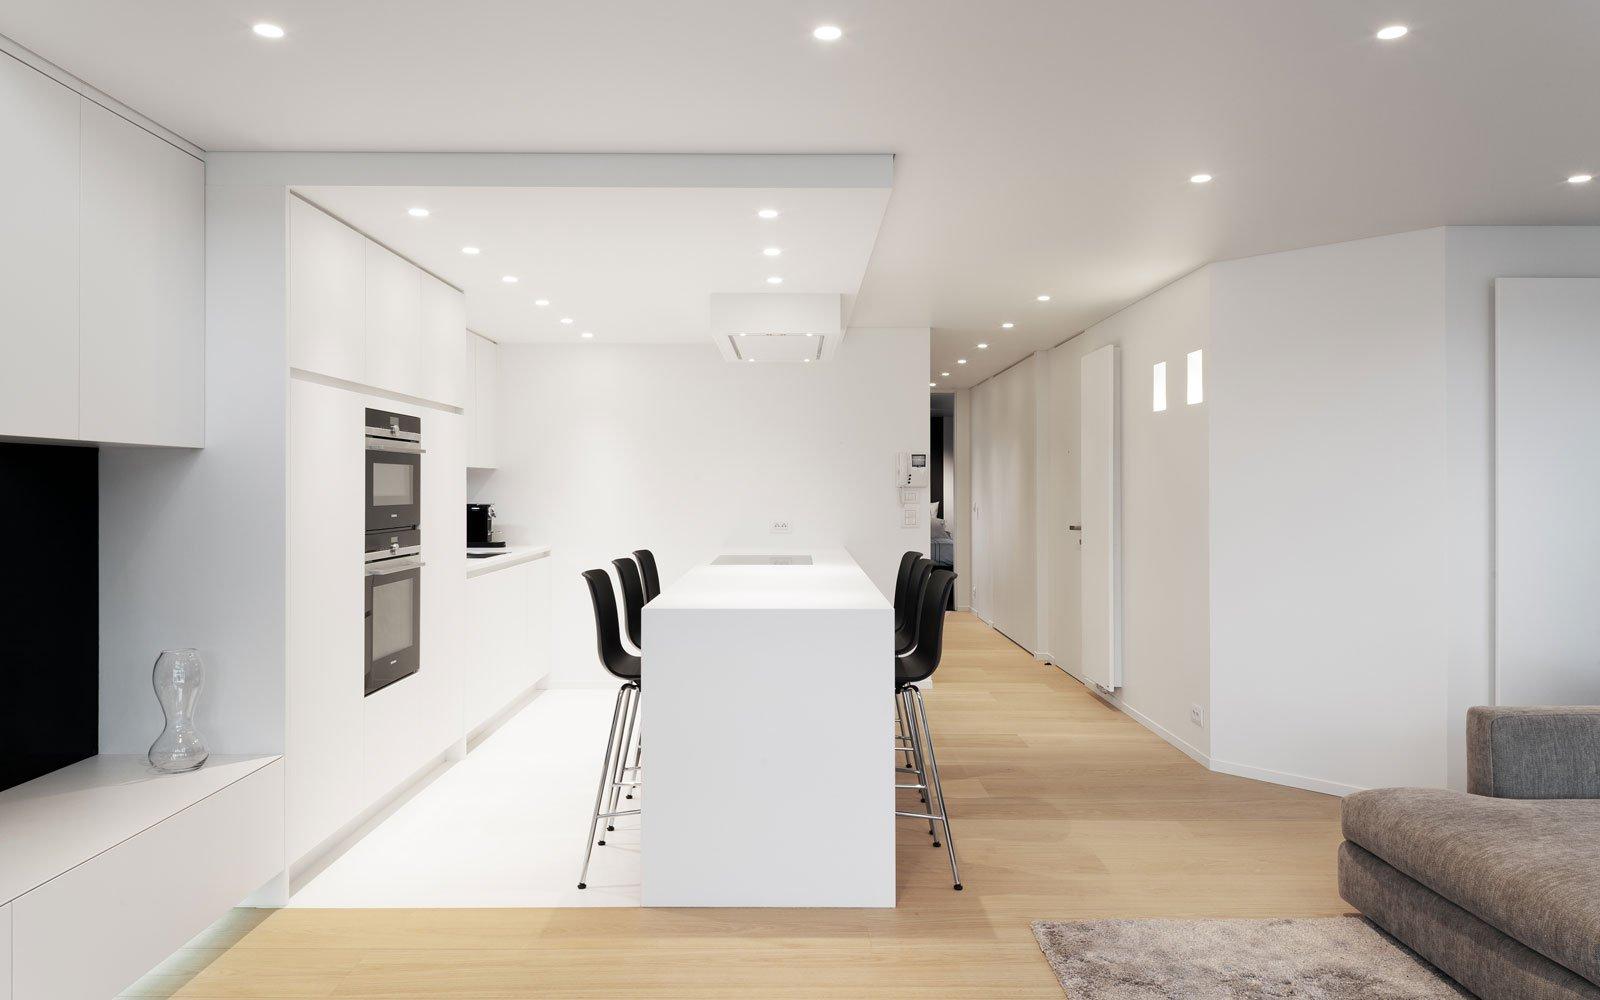 Keuken, AL-AL Keukens, strak en wit, Knokse Duplex, Stephan Gunst